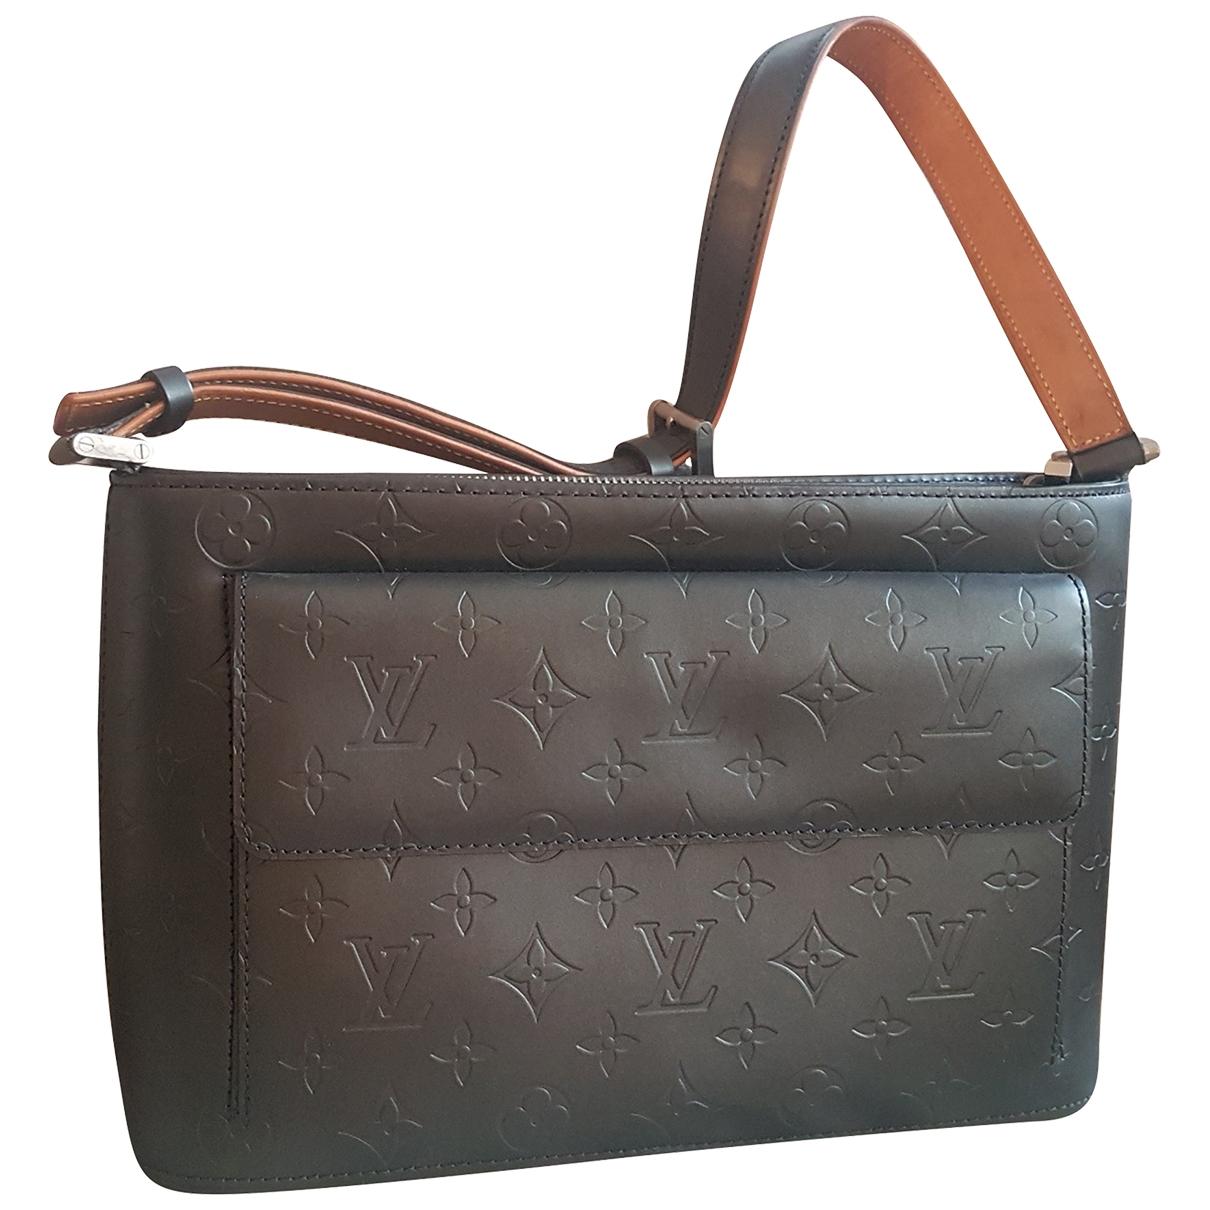 Louis Vuitton - Sac a main Allston pour femme en cuir - gris